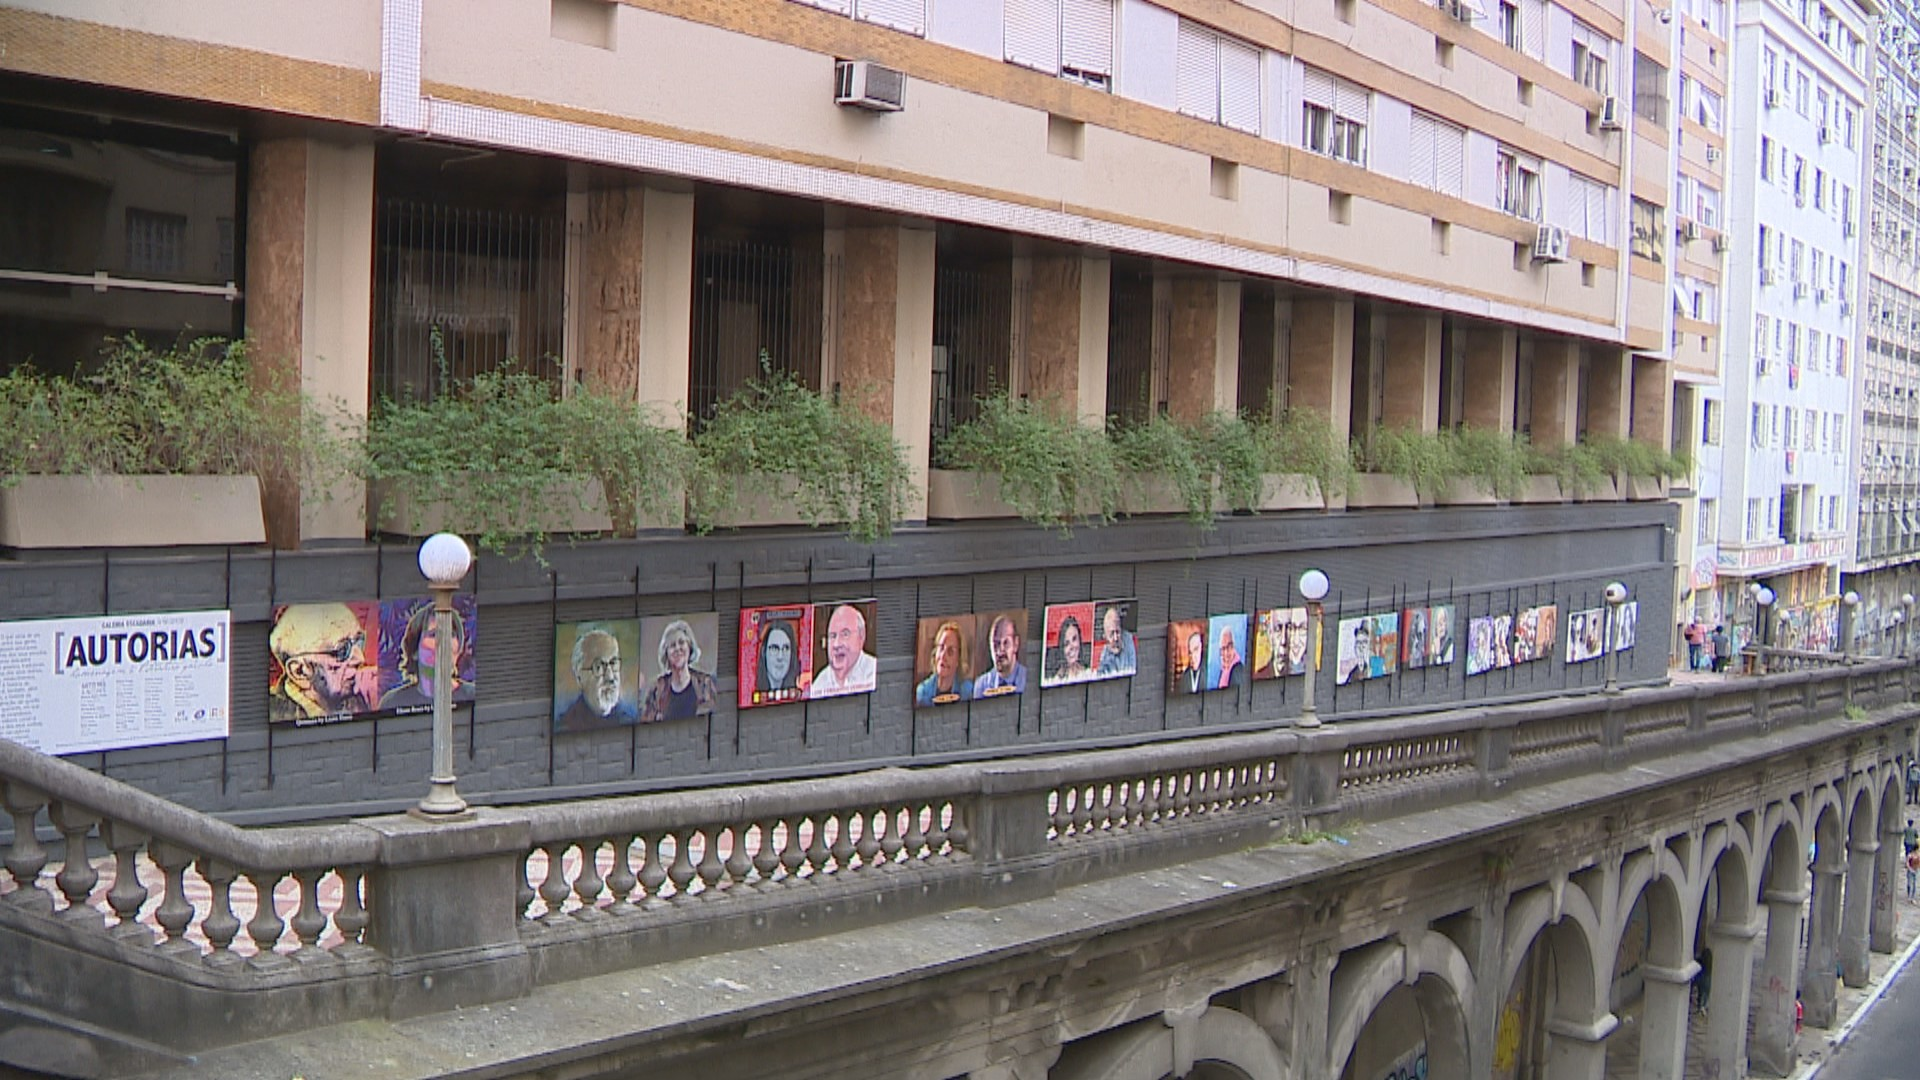 Pinturas retratam escritores do RS em galeria a céu aberto em ponto turístico de Porto Alegre